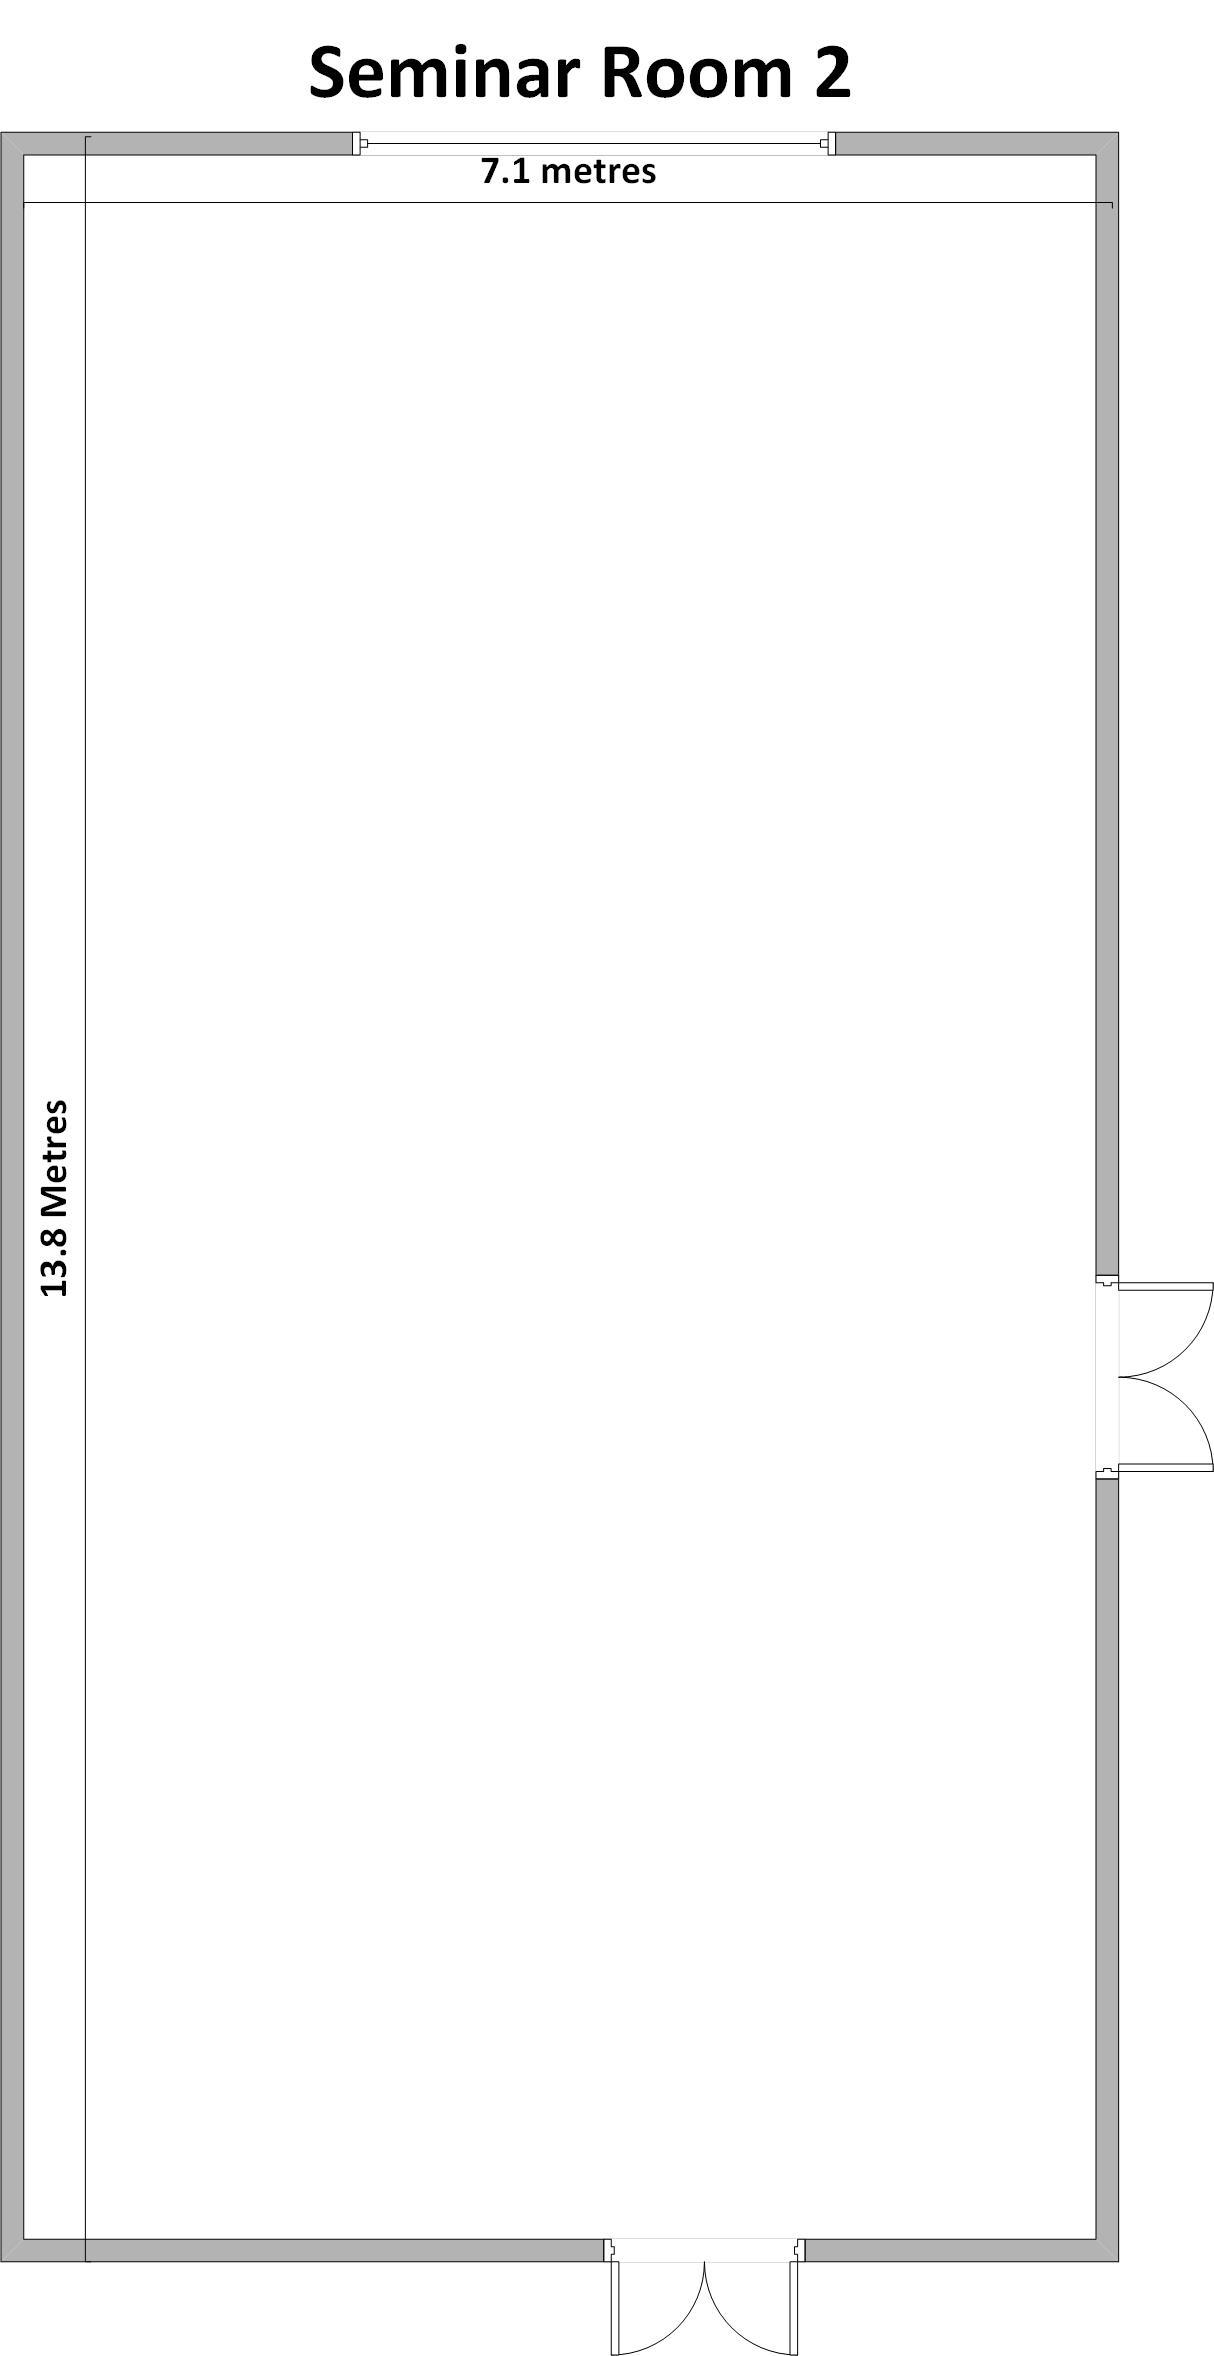 Seminar 2 Floor plan.jpg